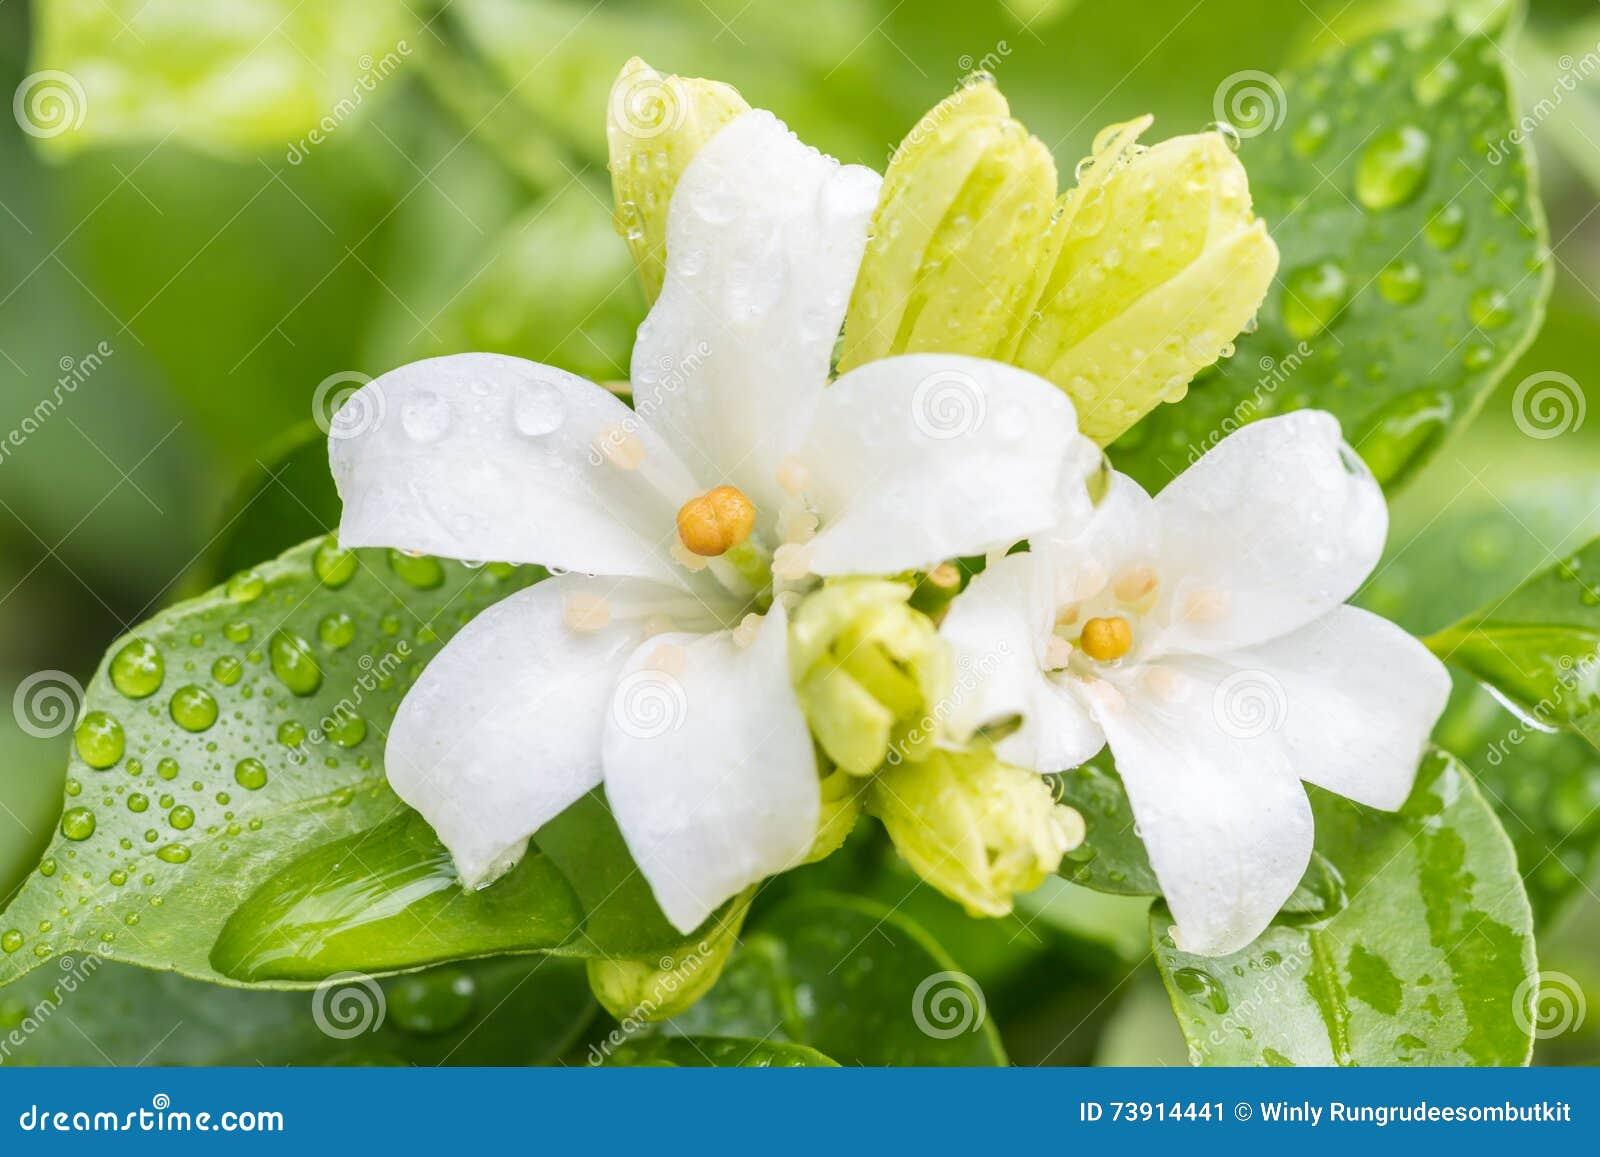 White Flower Orange Jasmine Flowers Stock Image Image Of